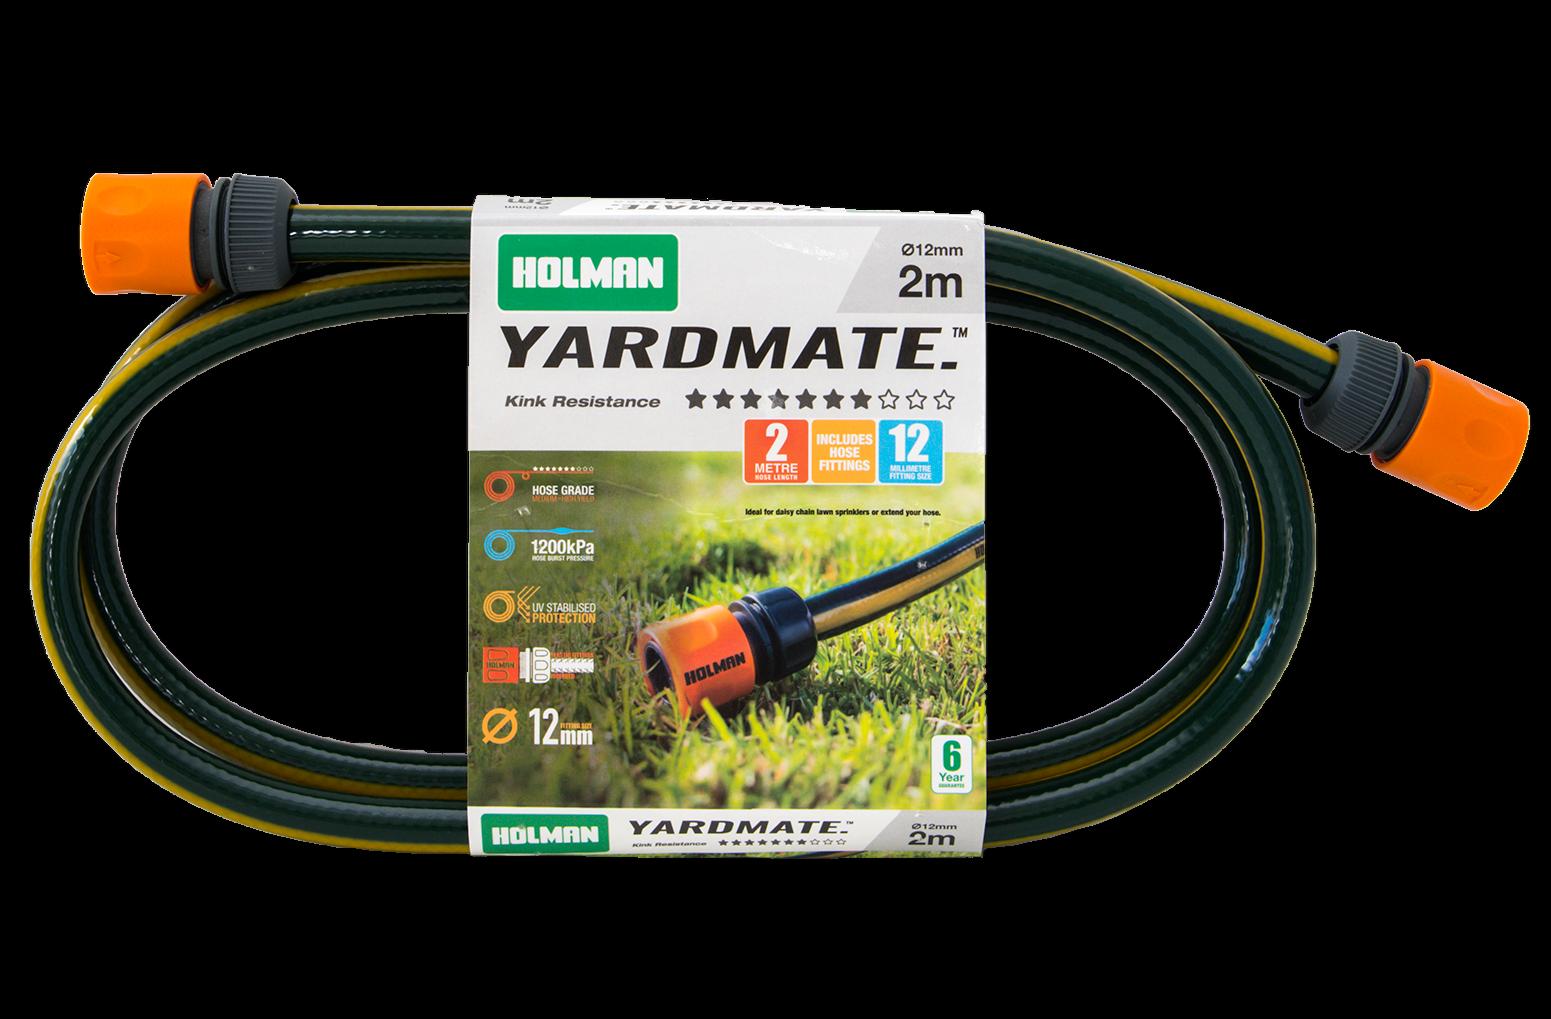 Holman YARDMATE GARDEN HOSE *Australian Brand- 12mmx2m, 12mmx15m Or 12mmx30m